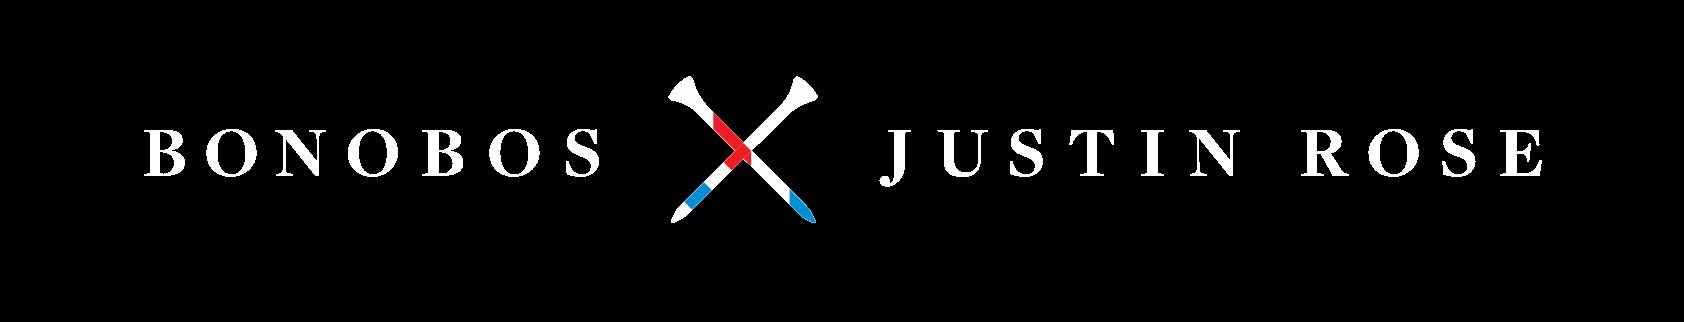 Bonobos x Justin Rose Logo